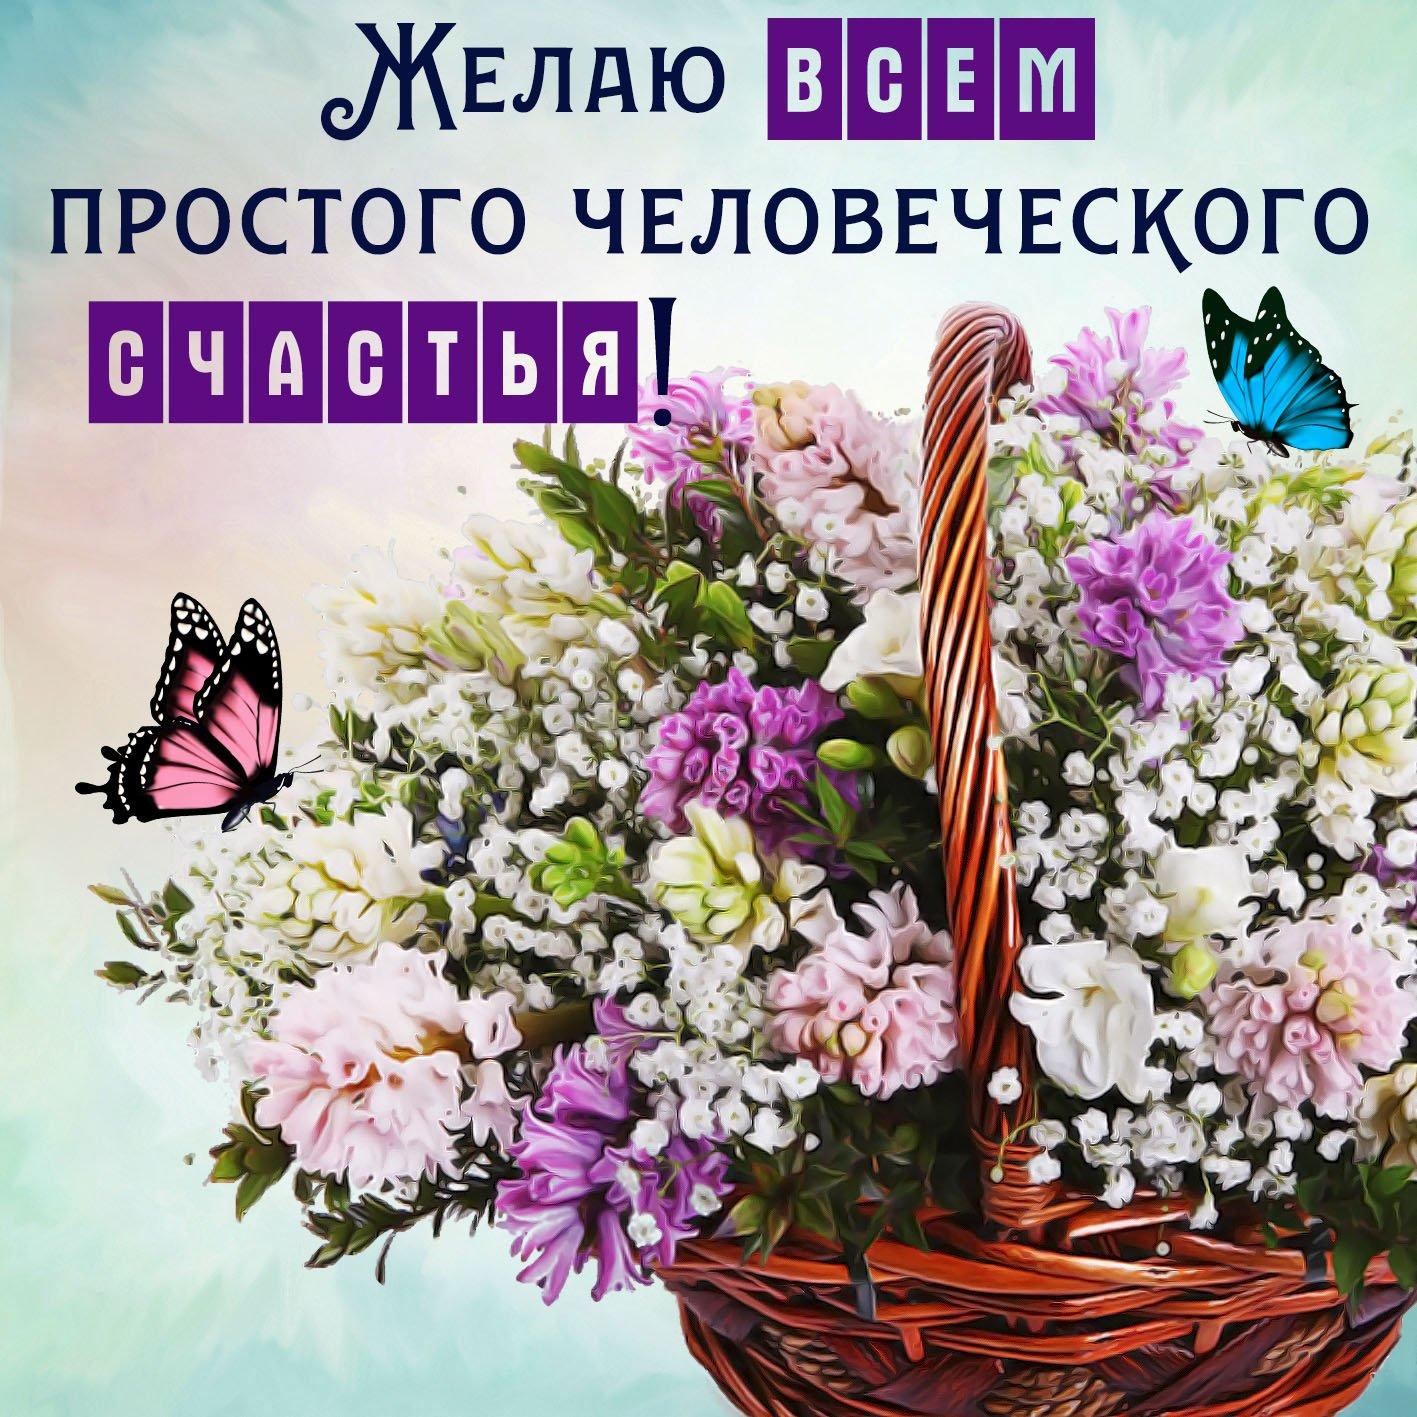 Владивосток, картинки с надписями счастья всем